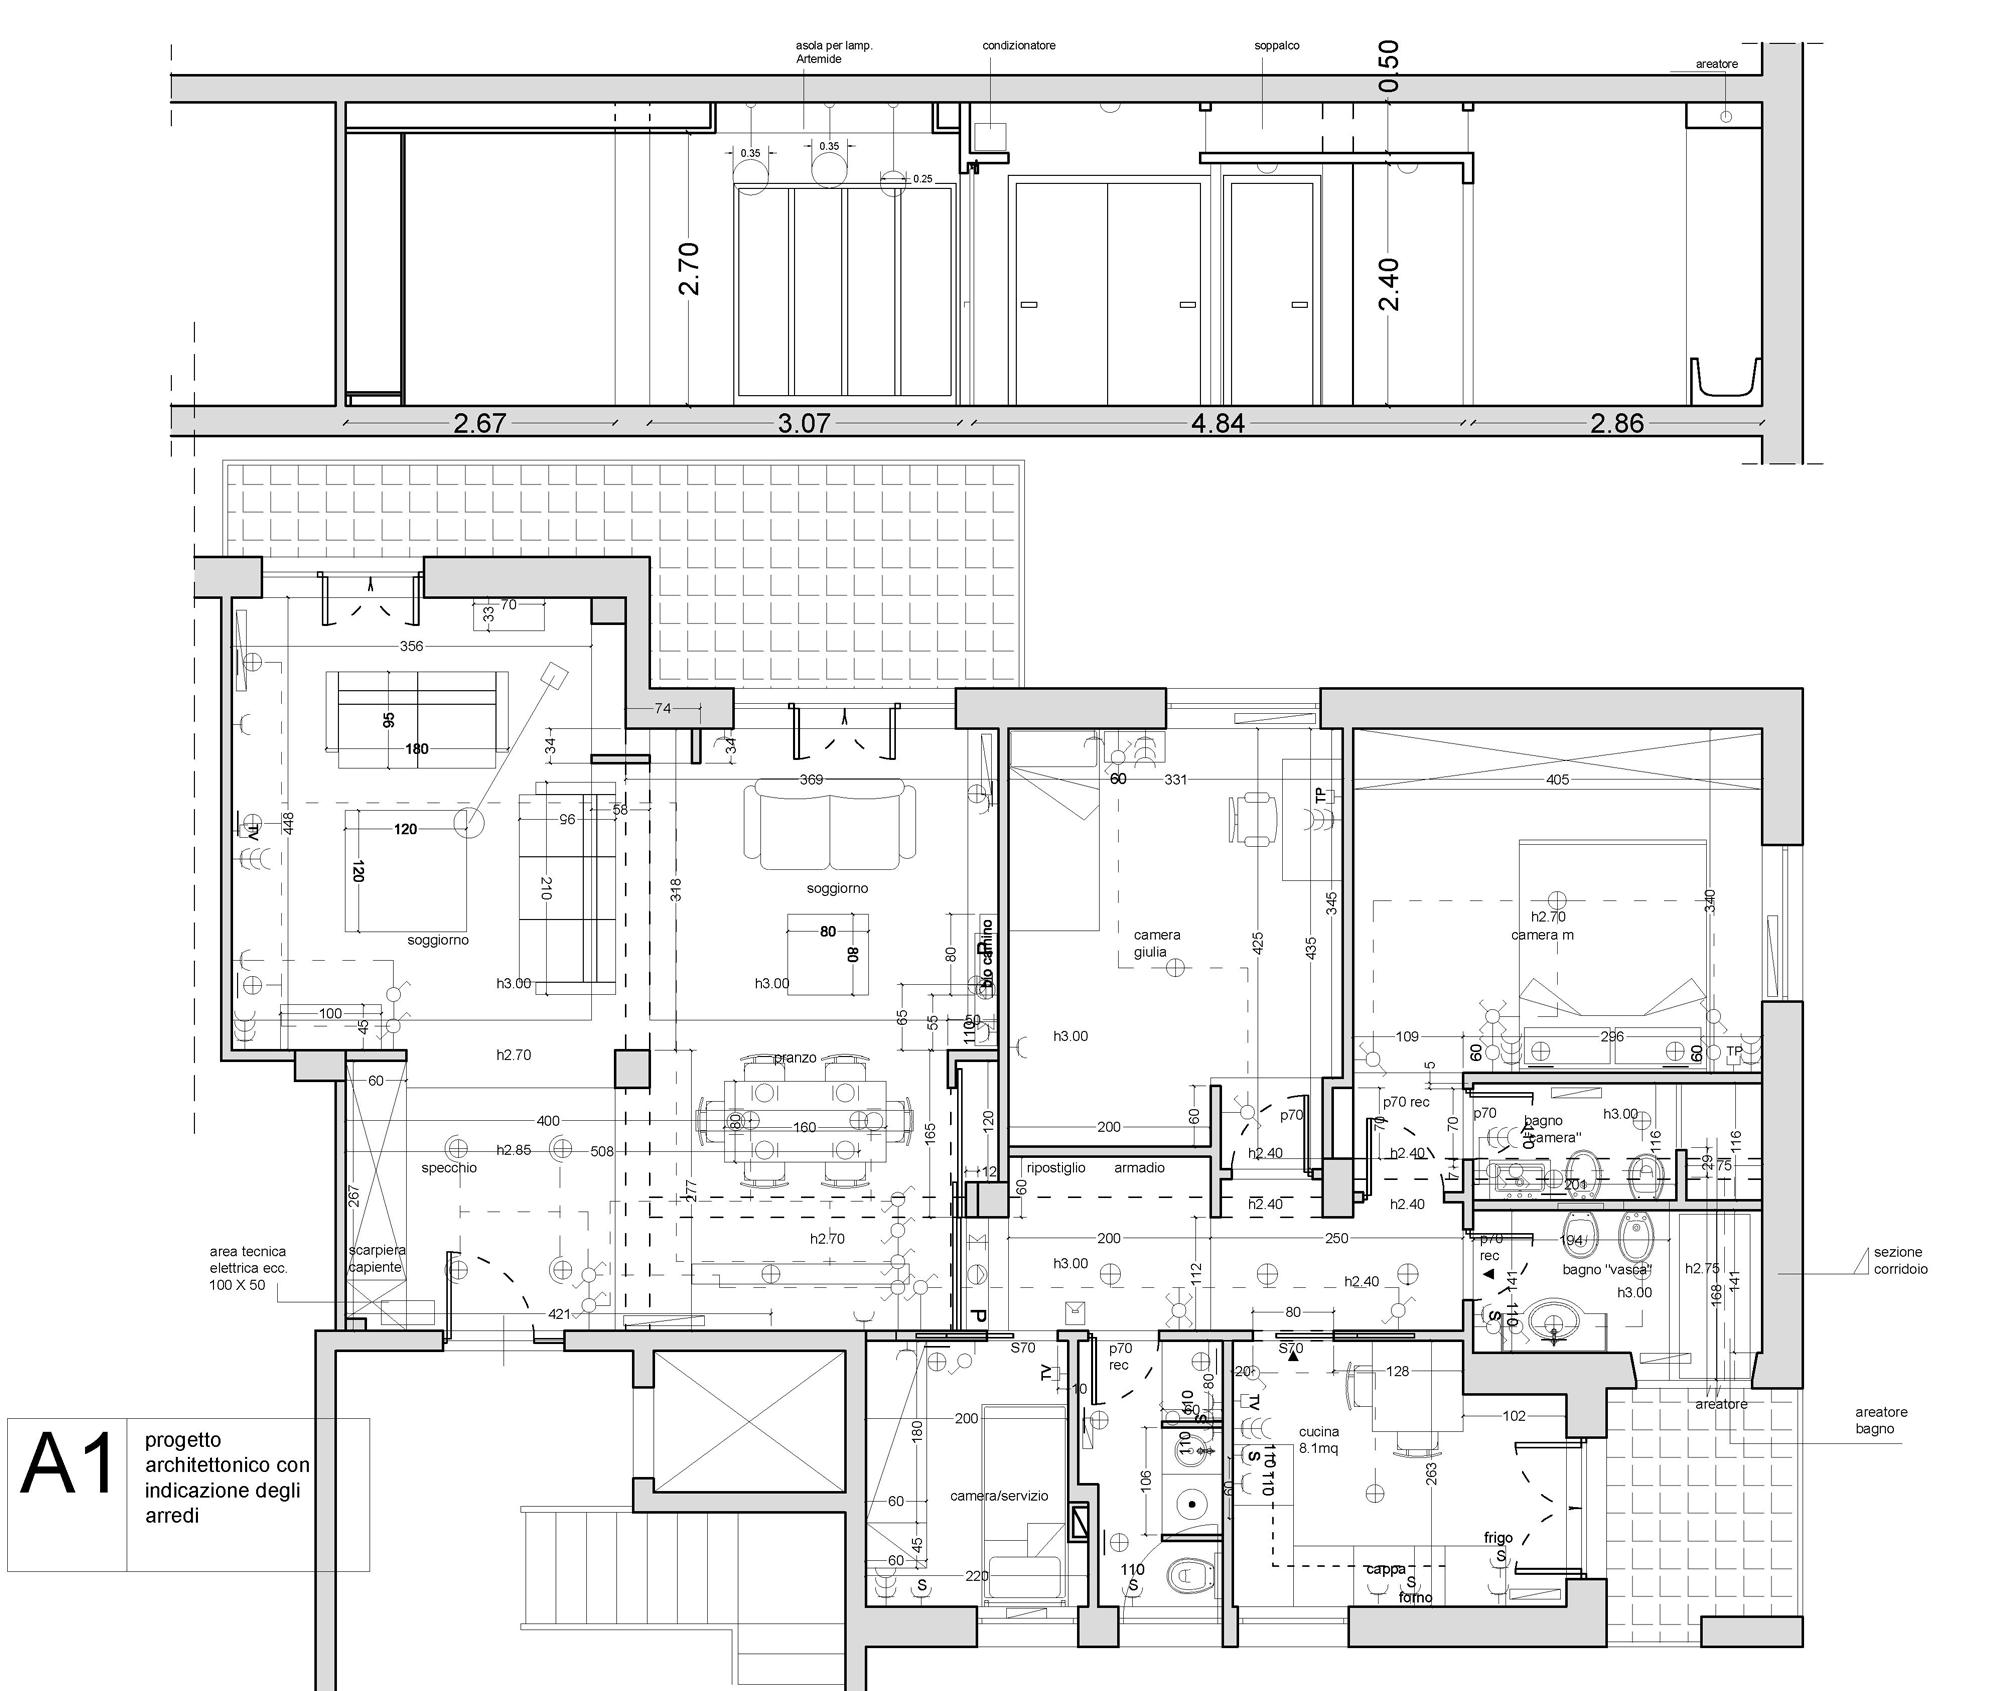 casa-VFG - planimetria di progetto - Il progetto consiste nella riconfigurazione dell'intero appartamento tramite una diversa distribuzione degli interni. Così sono stati realizzati tre nuovi bagni; ma soprattutto è stata rivoluzionata la zona giorno per renderla più rispondente alla volontà della committenza.